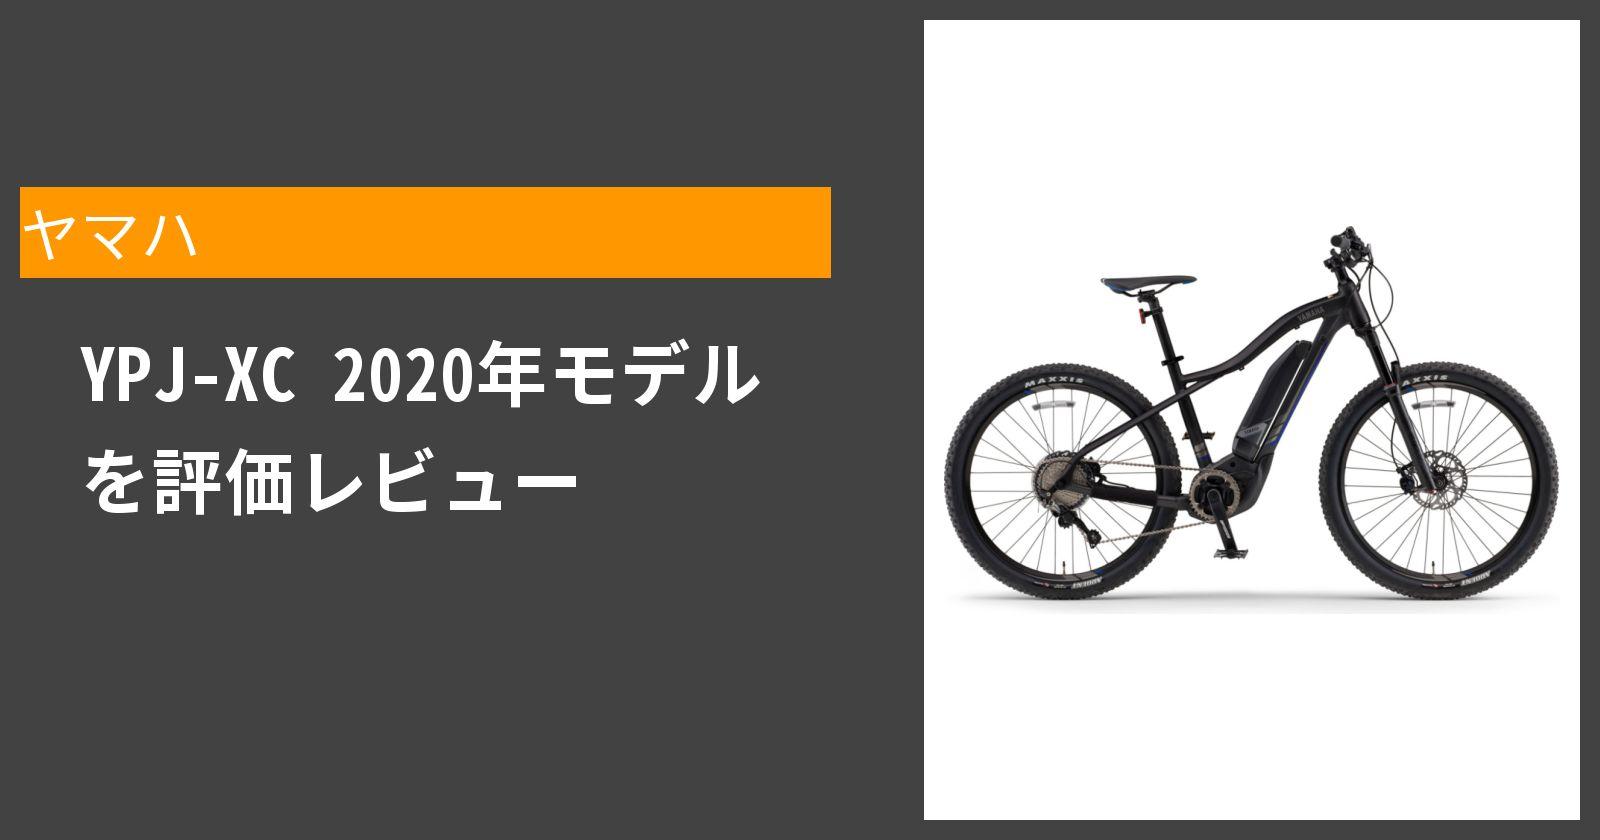 YPJ-XC 2020年モデルを徹底評価